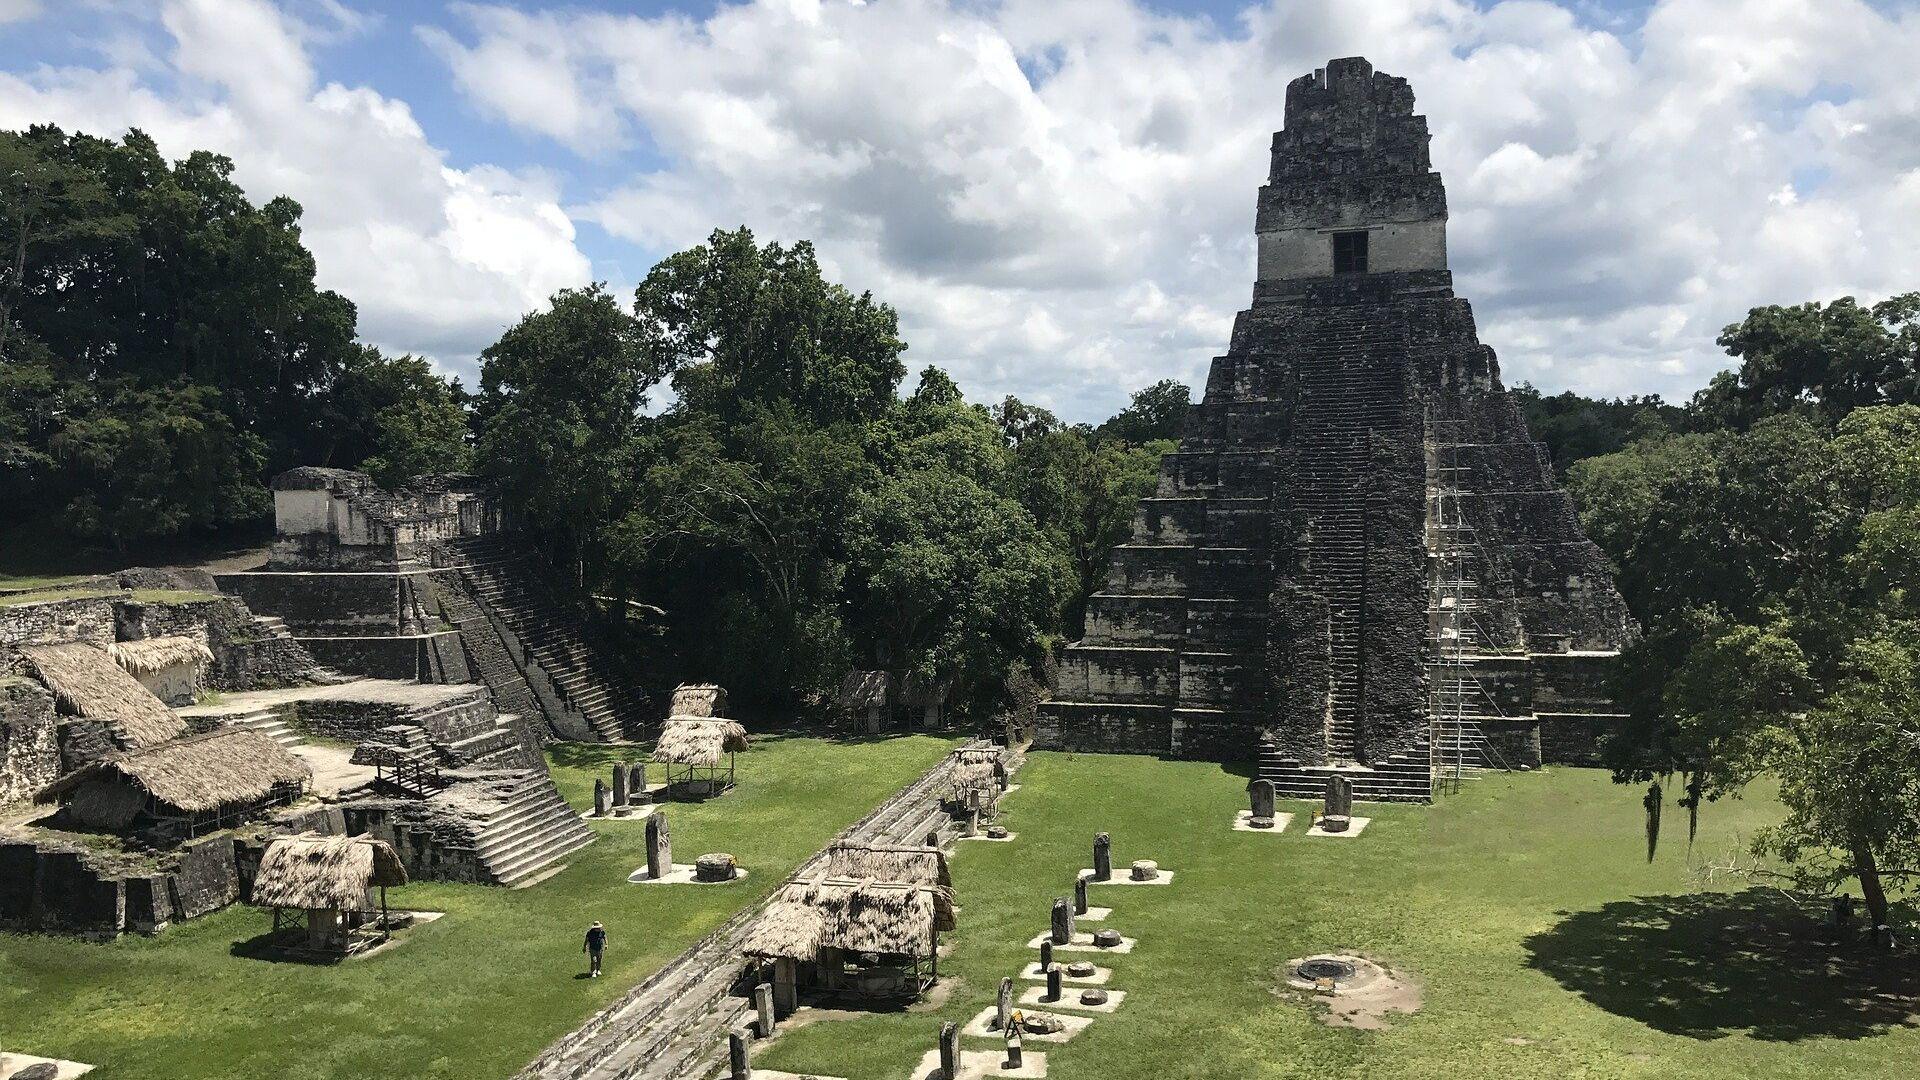 La antigua ciudad maya de Tikal, en Guatemala - Sputnik Mundo, 1920, 05.07.2021